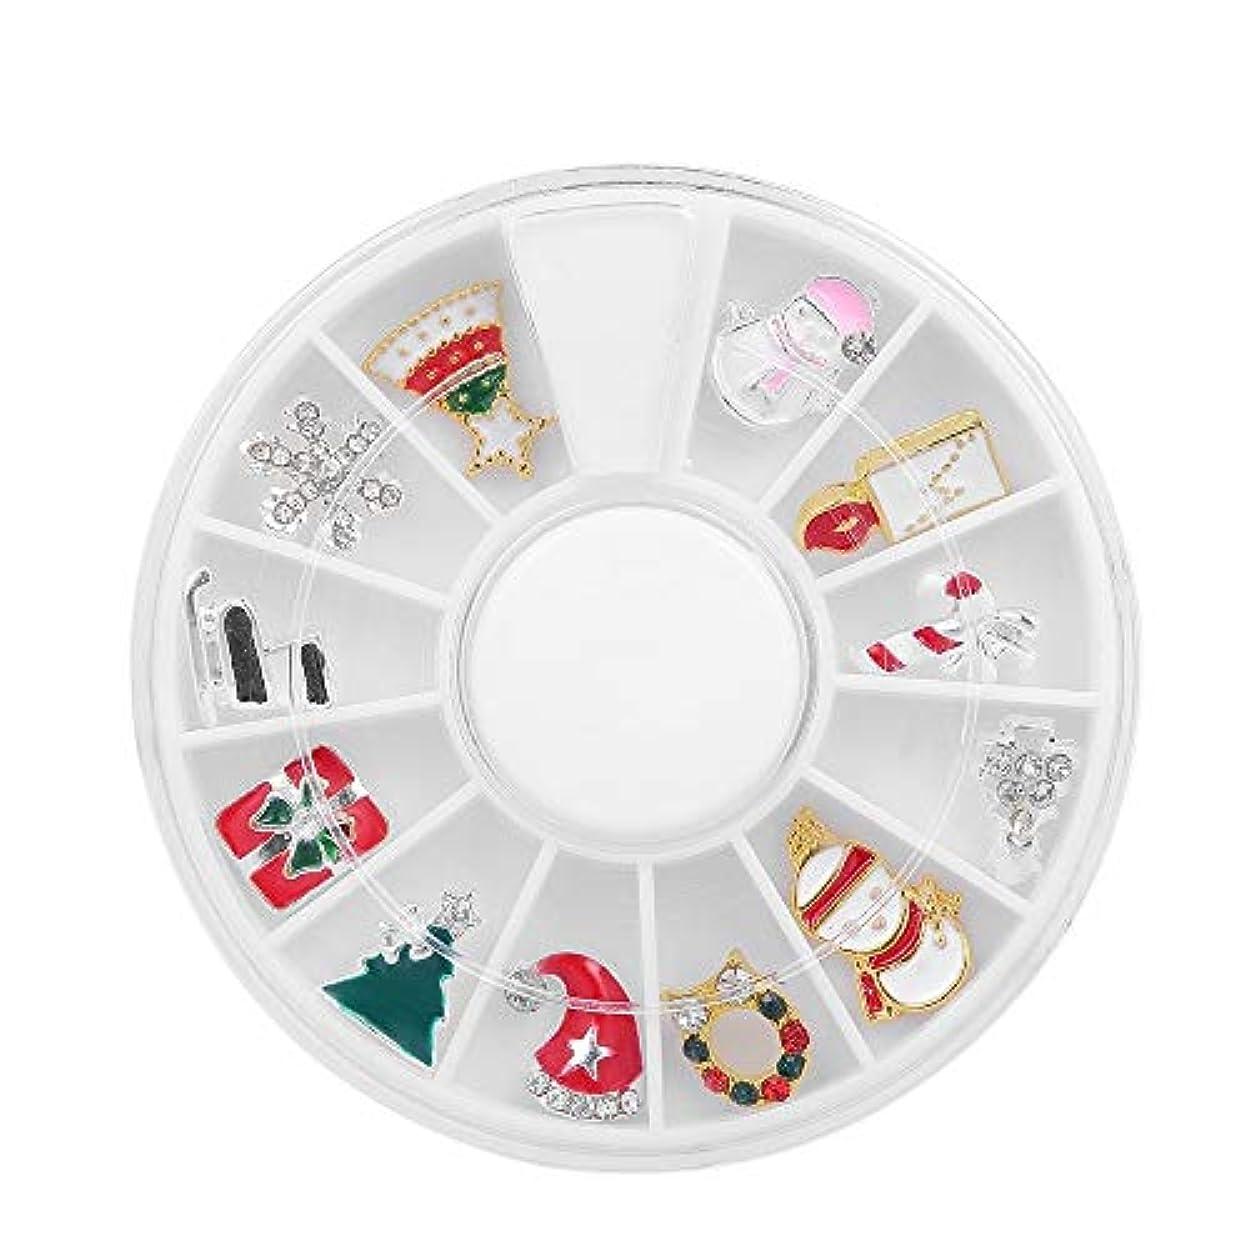 おしゃれなシリーズ謝罪ネイル用装飾 ネイルアート 12個 3D クリスマス 合金 グリッター スタッド装飾 かわいい ネイルデコレーション